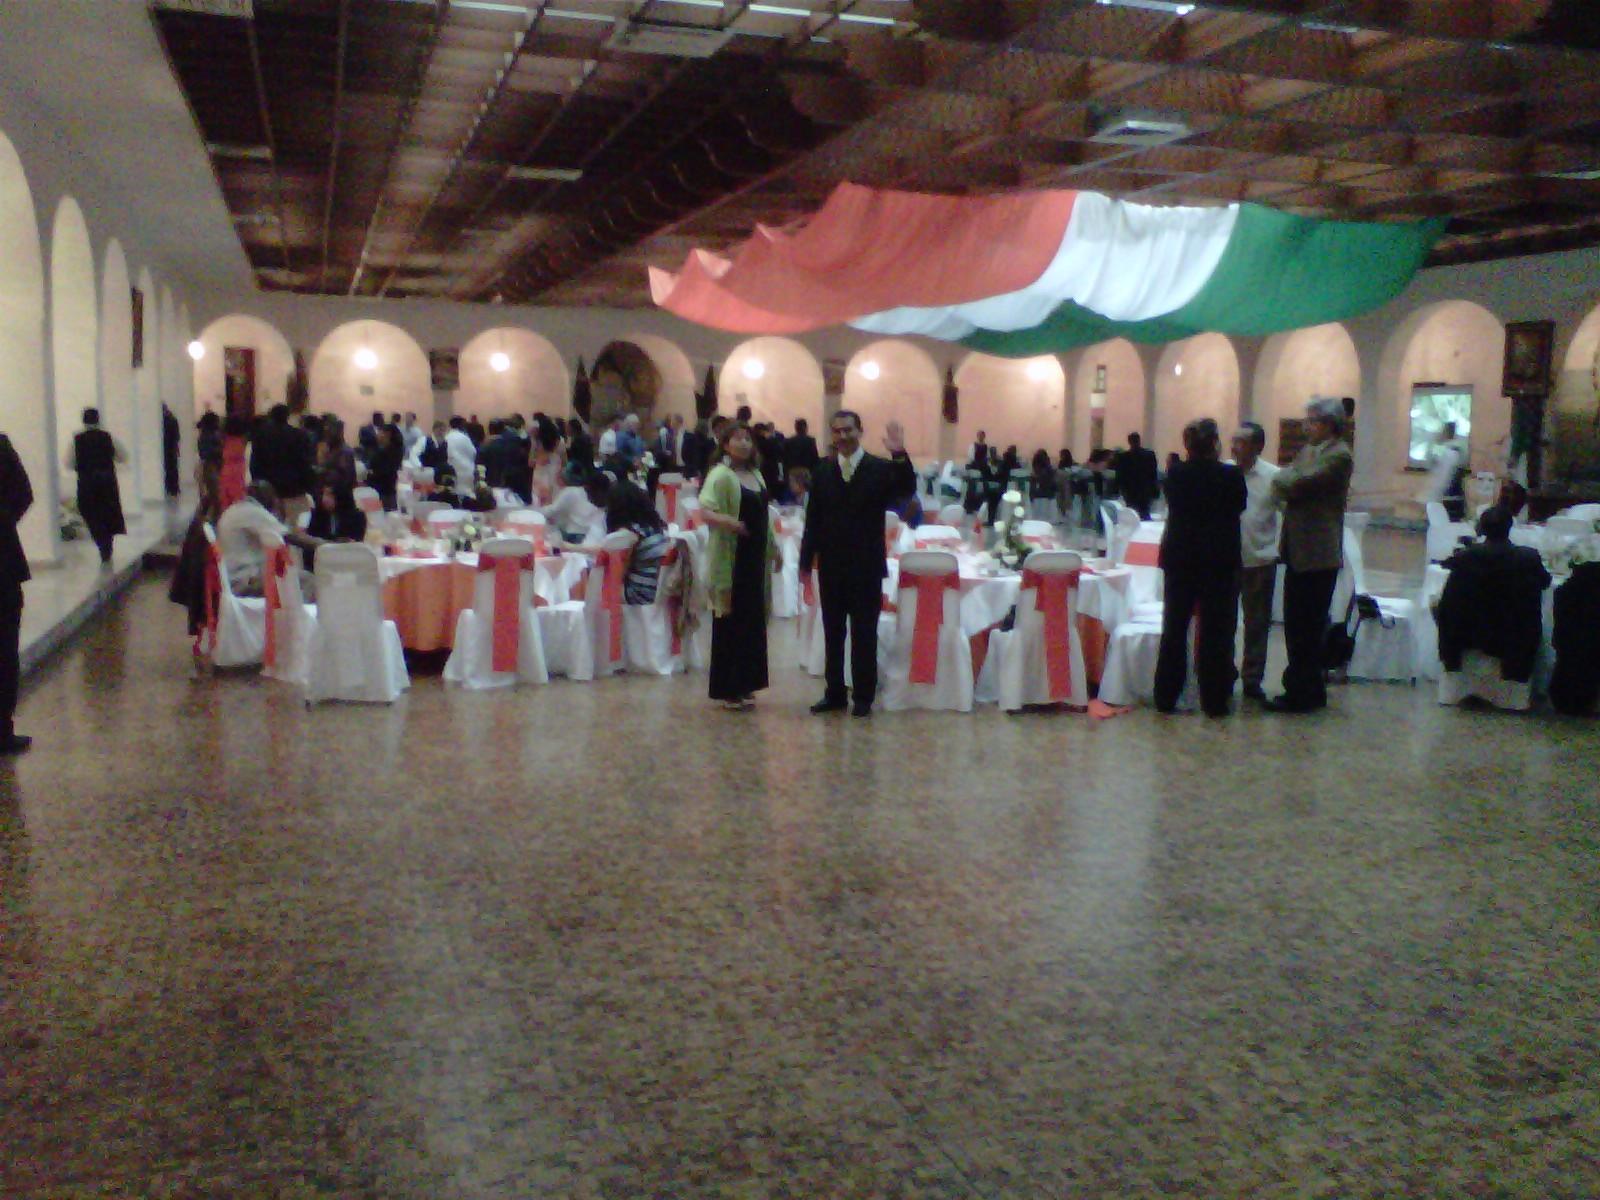 Educación_intercultural,_celebración_del_día_de_Independencia_de_Costa_de_Marfil,_Campo_Marte_1